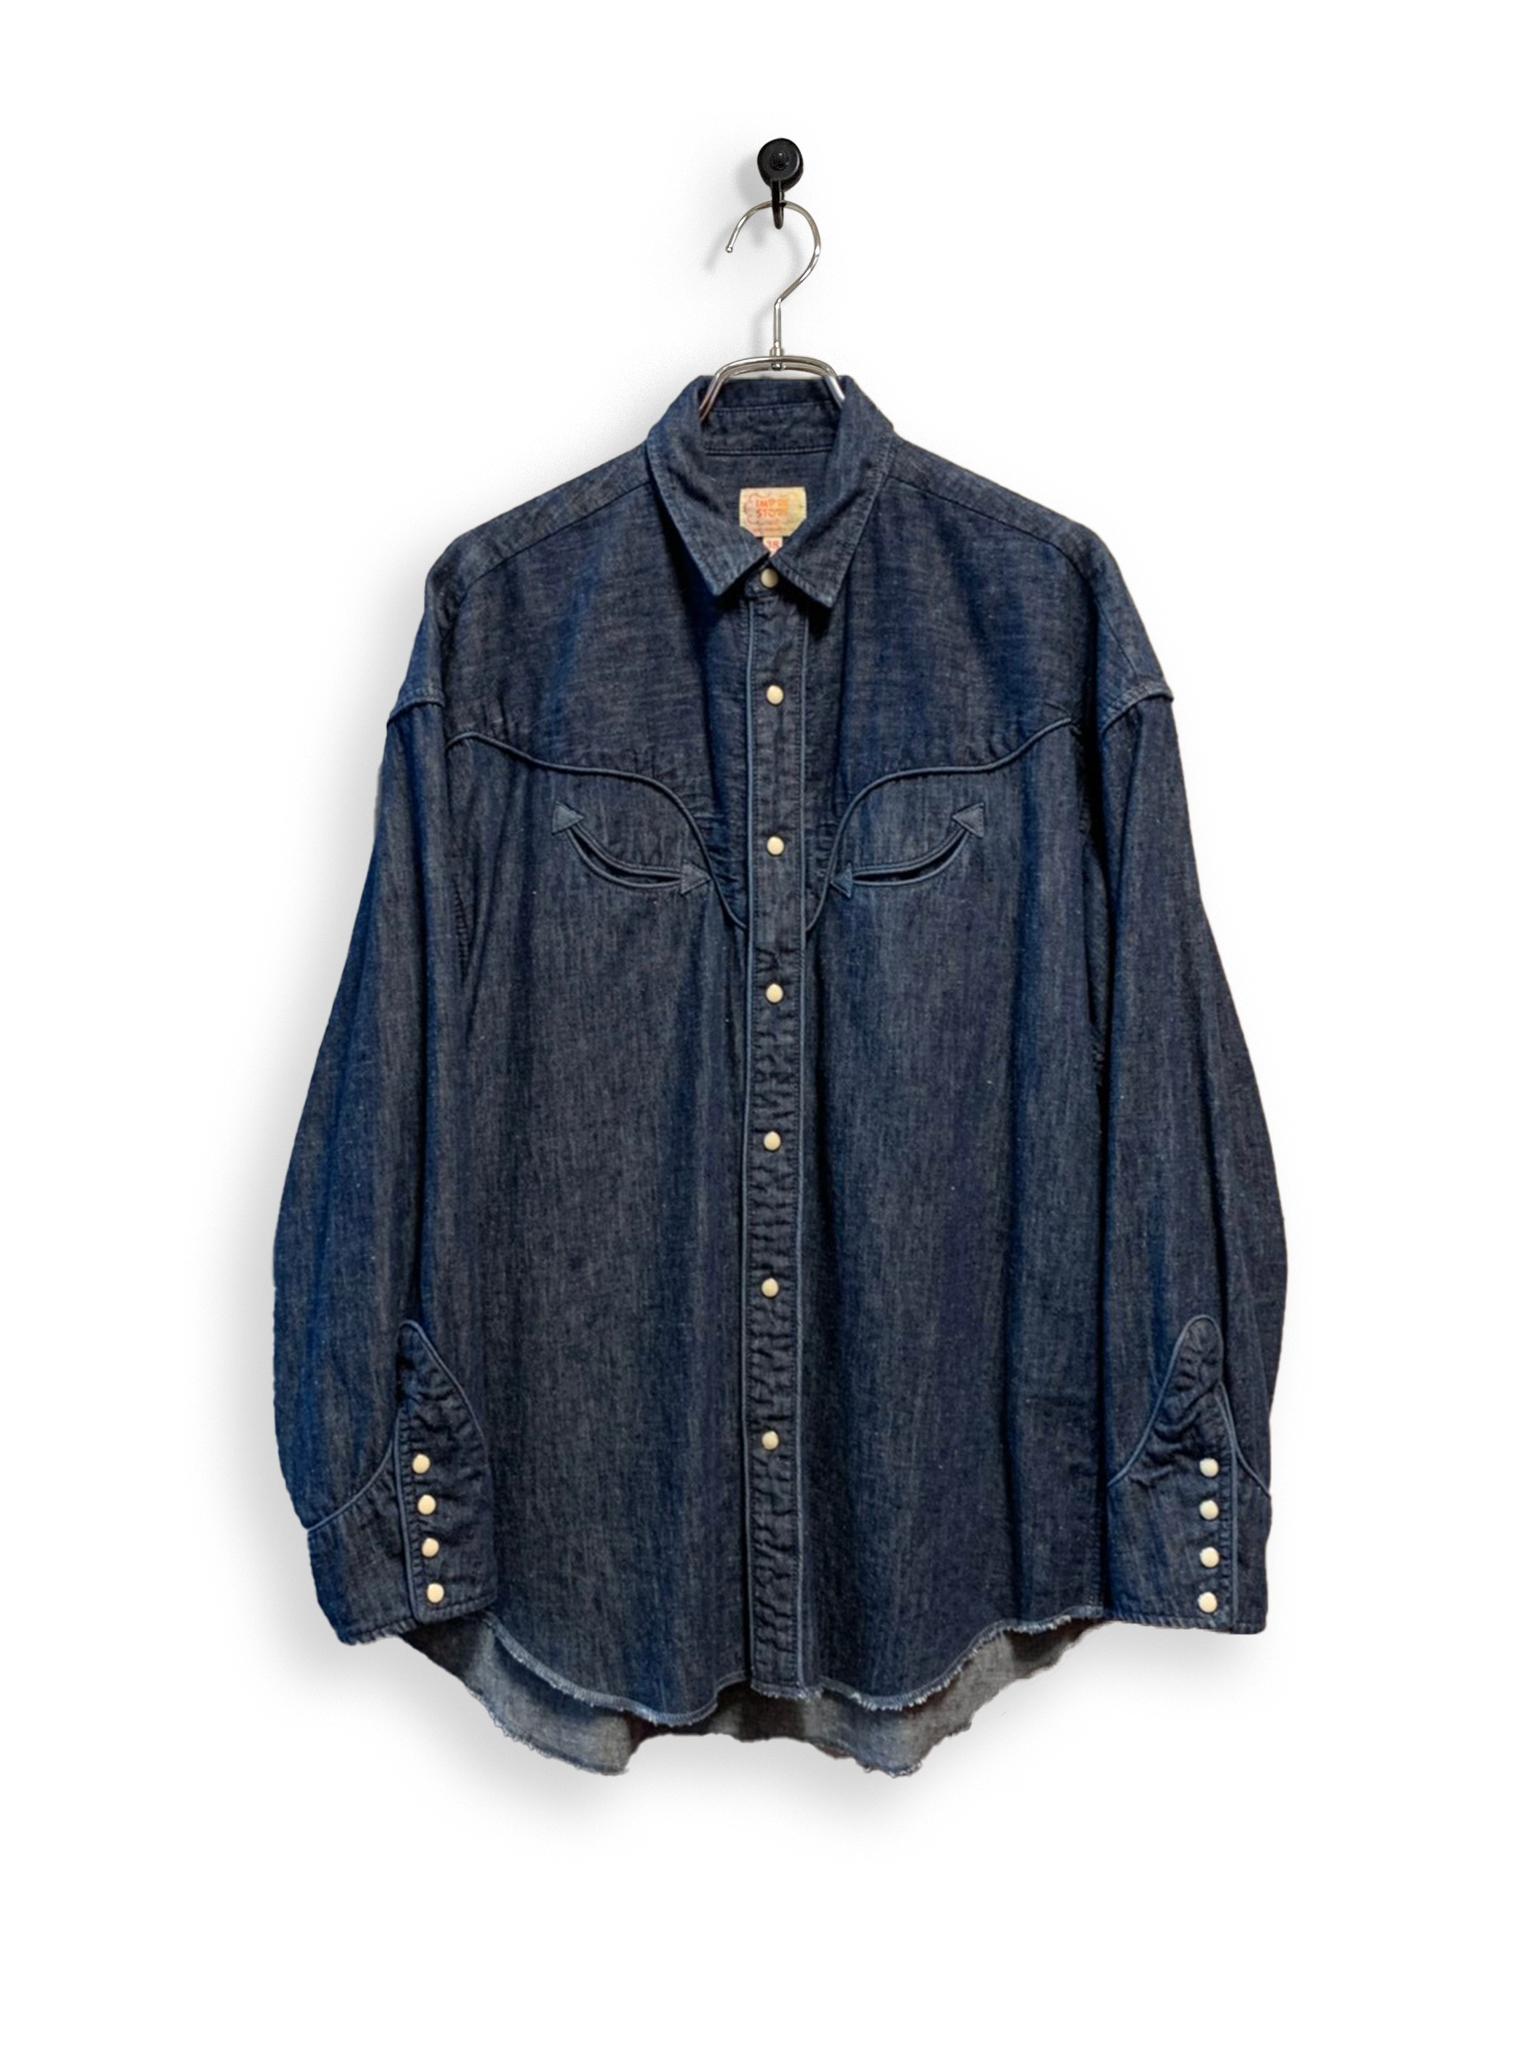 6.5oz Denim Western Shirt / one wash